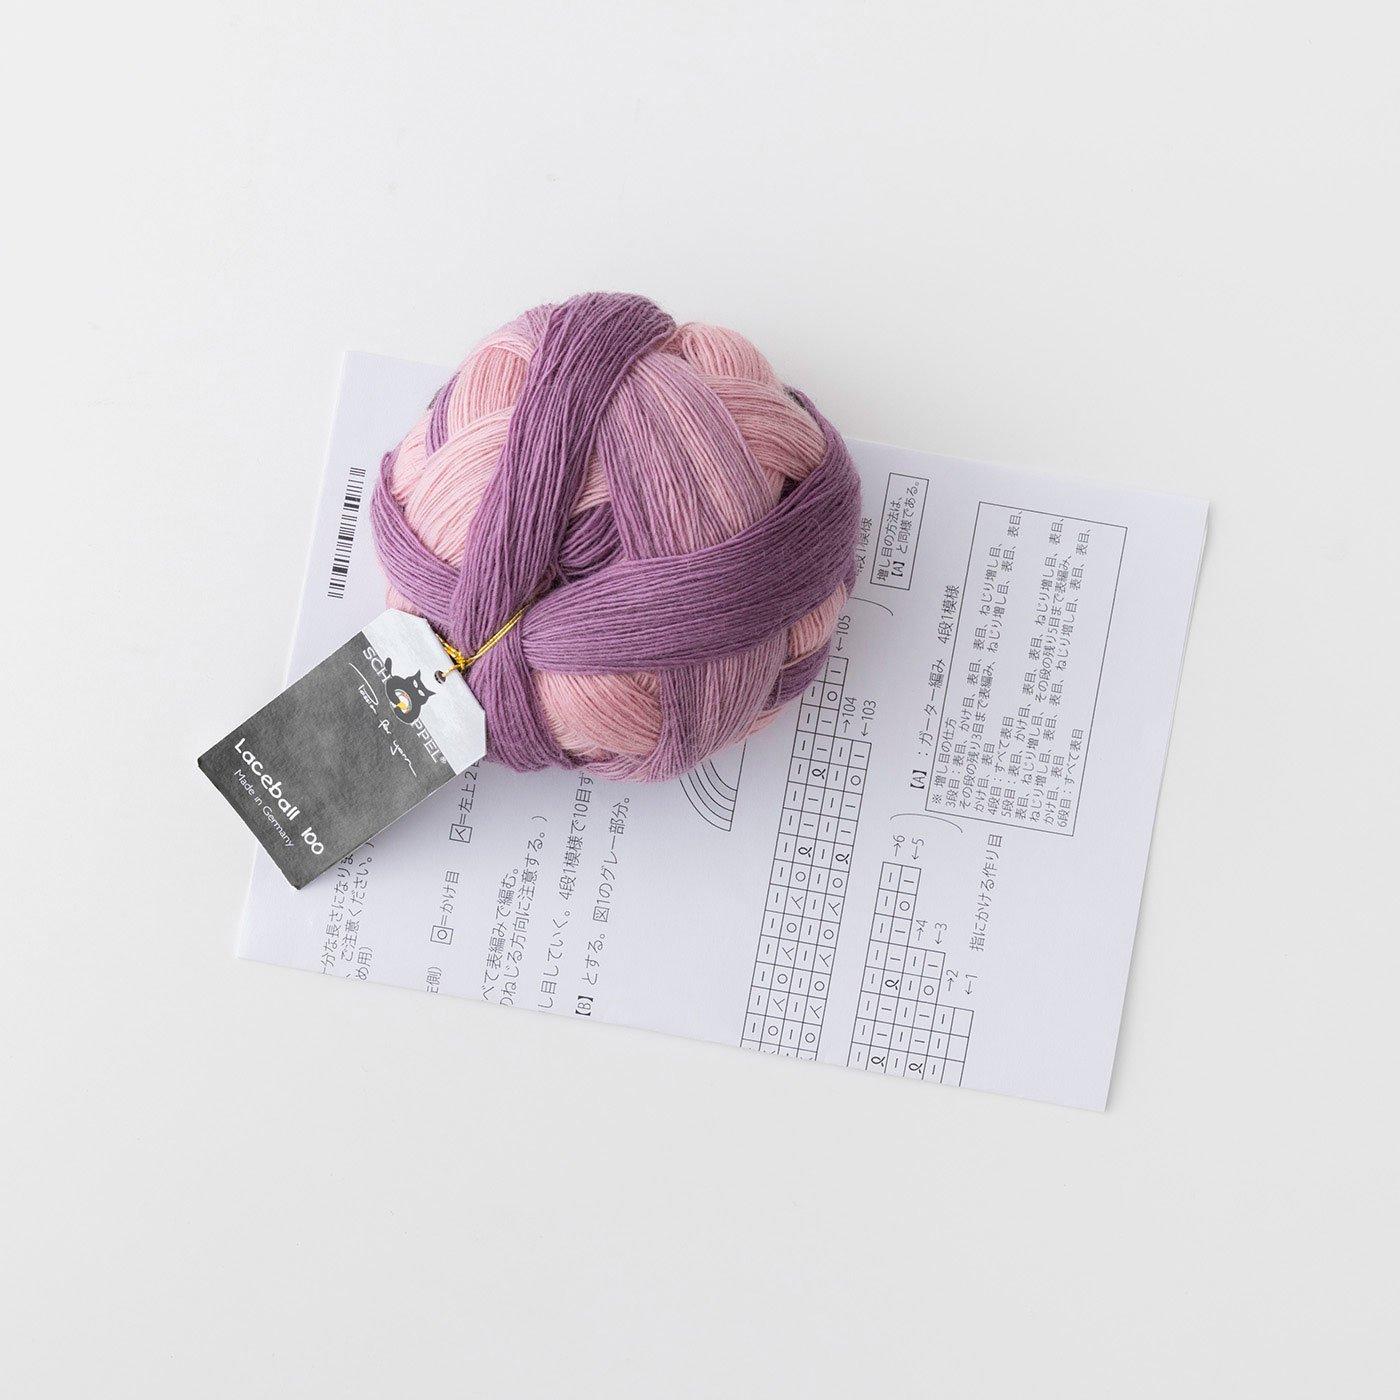 ウールの繊細な風合いと色のグラデーション ショッペル Lace ball 100